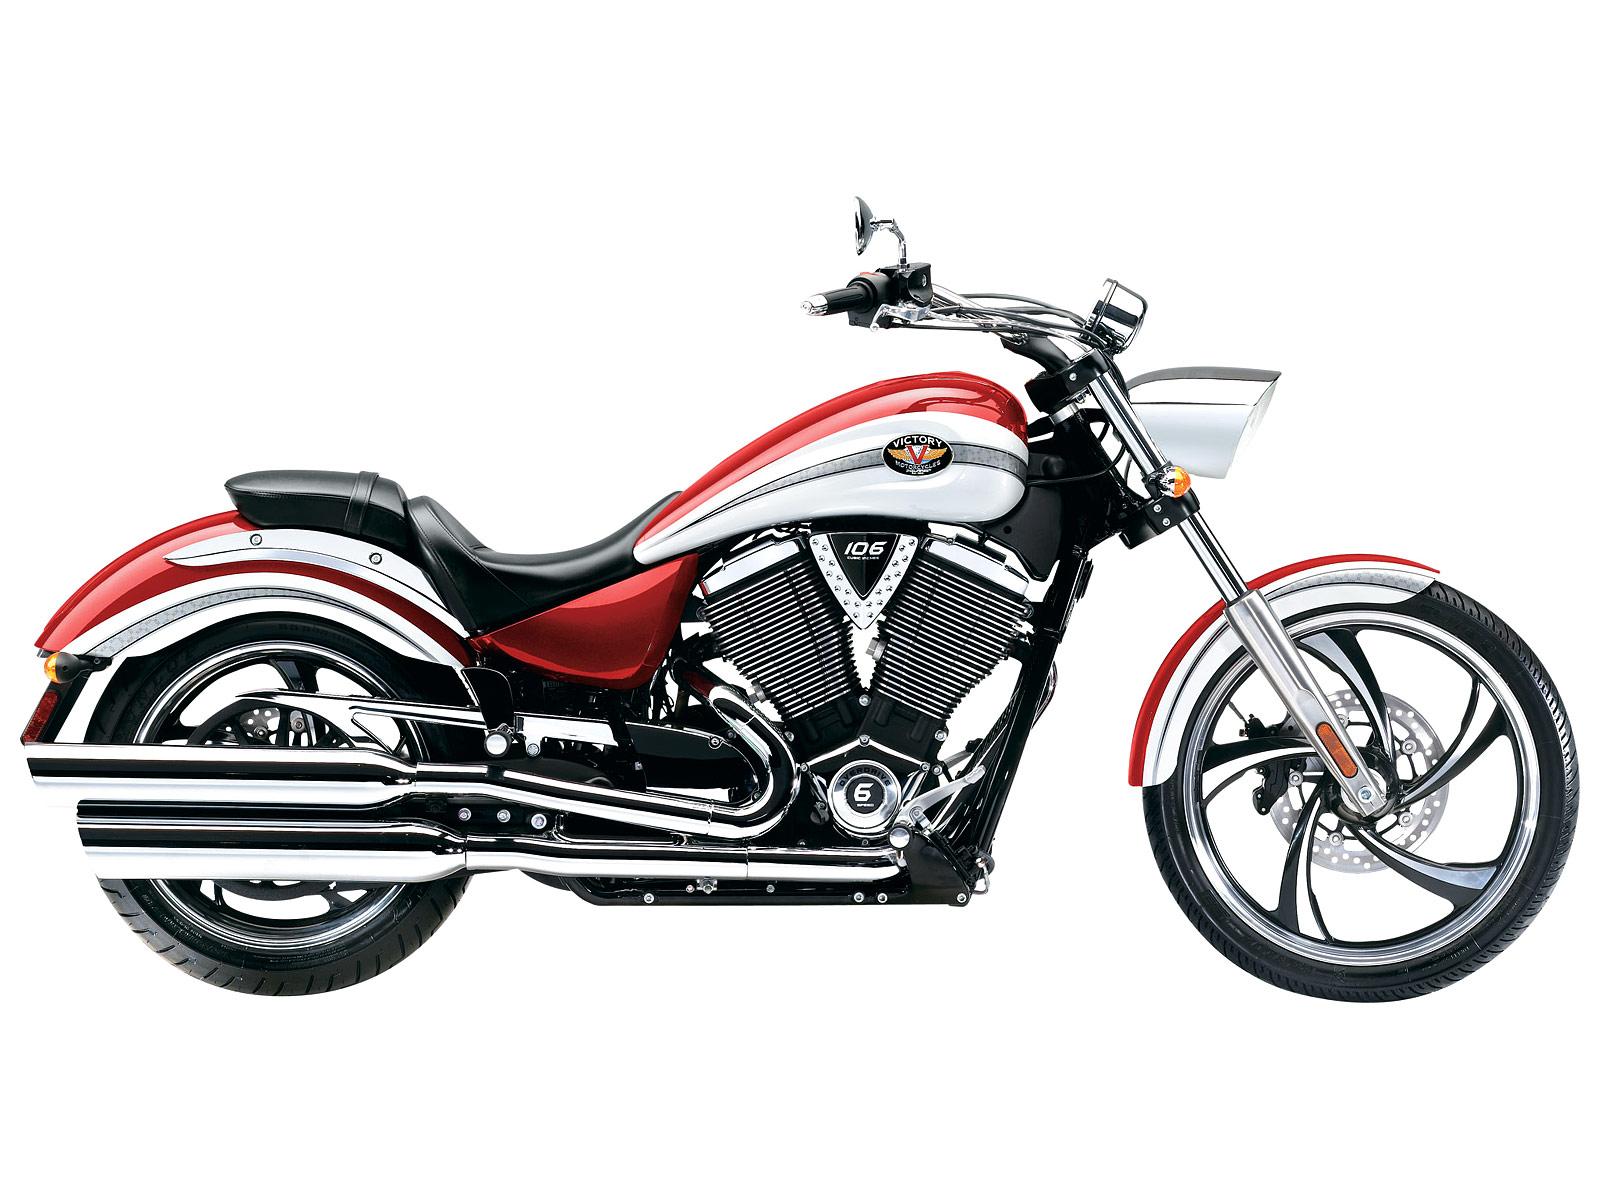 http://3.bp.blogspot.com/--cLmhFKzWkc/Tm8qzOYZw8I/AAAAAAAAA8U/vRk2elNNArE/s1600/2012-Victory-Vegas_motorcycle-desktop-wallpaper_1.jpg